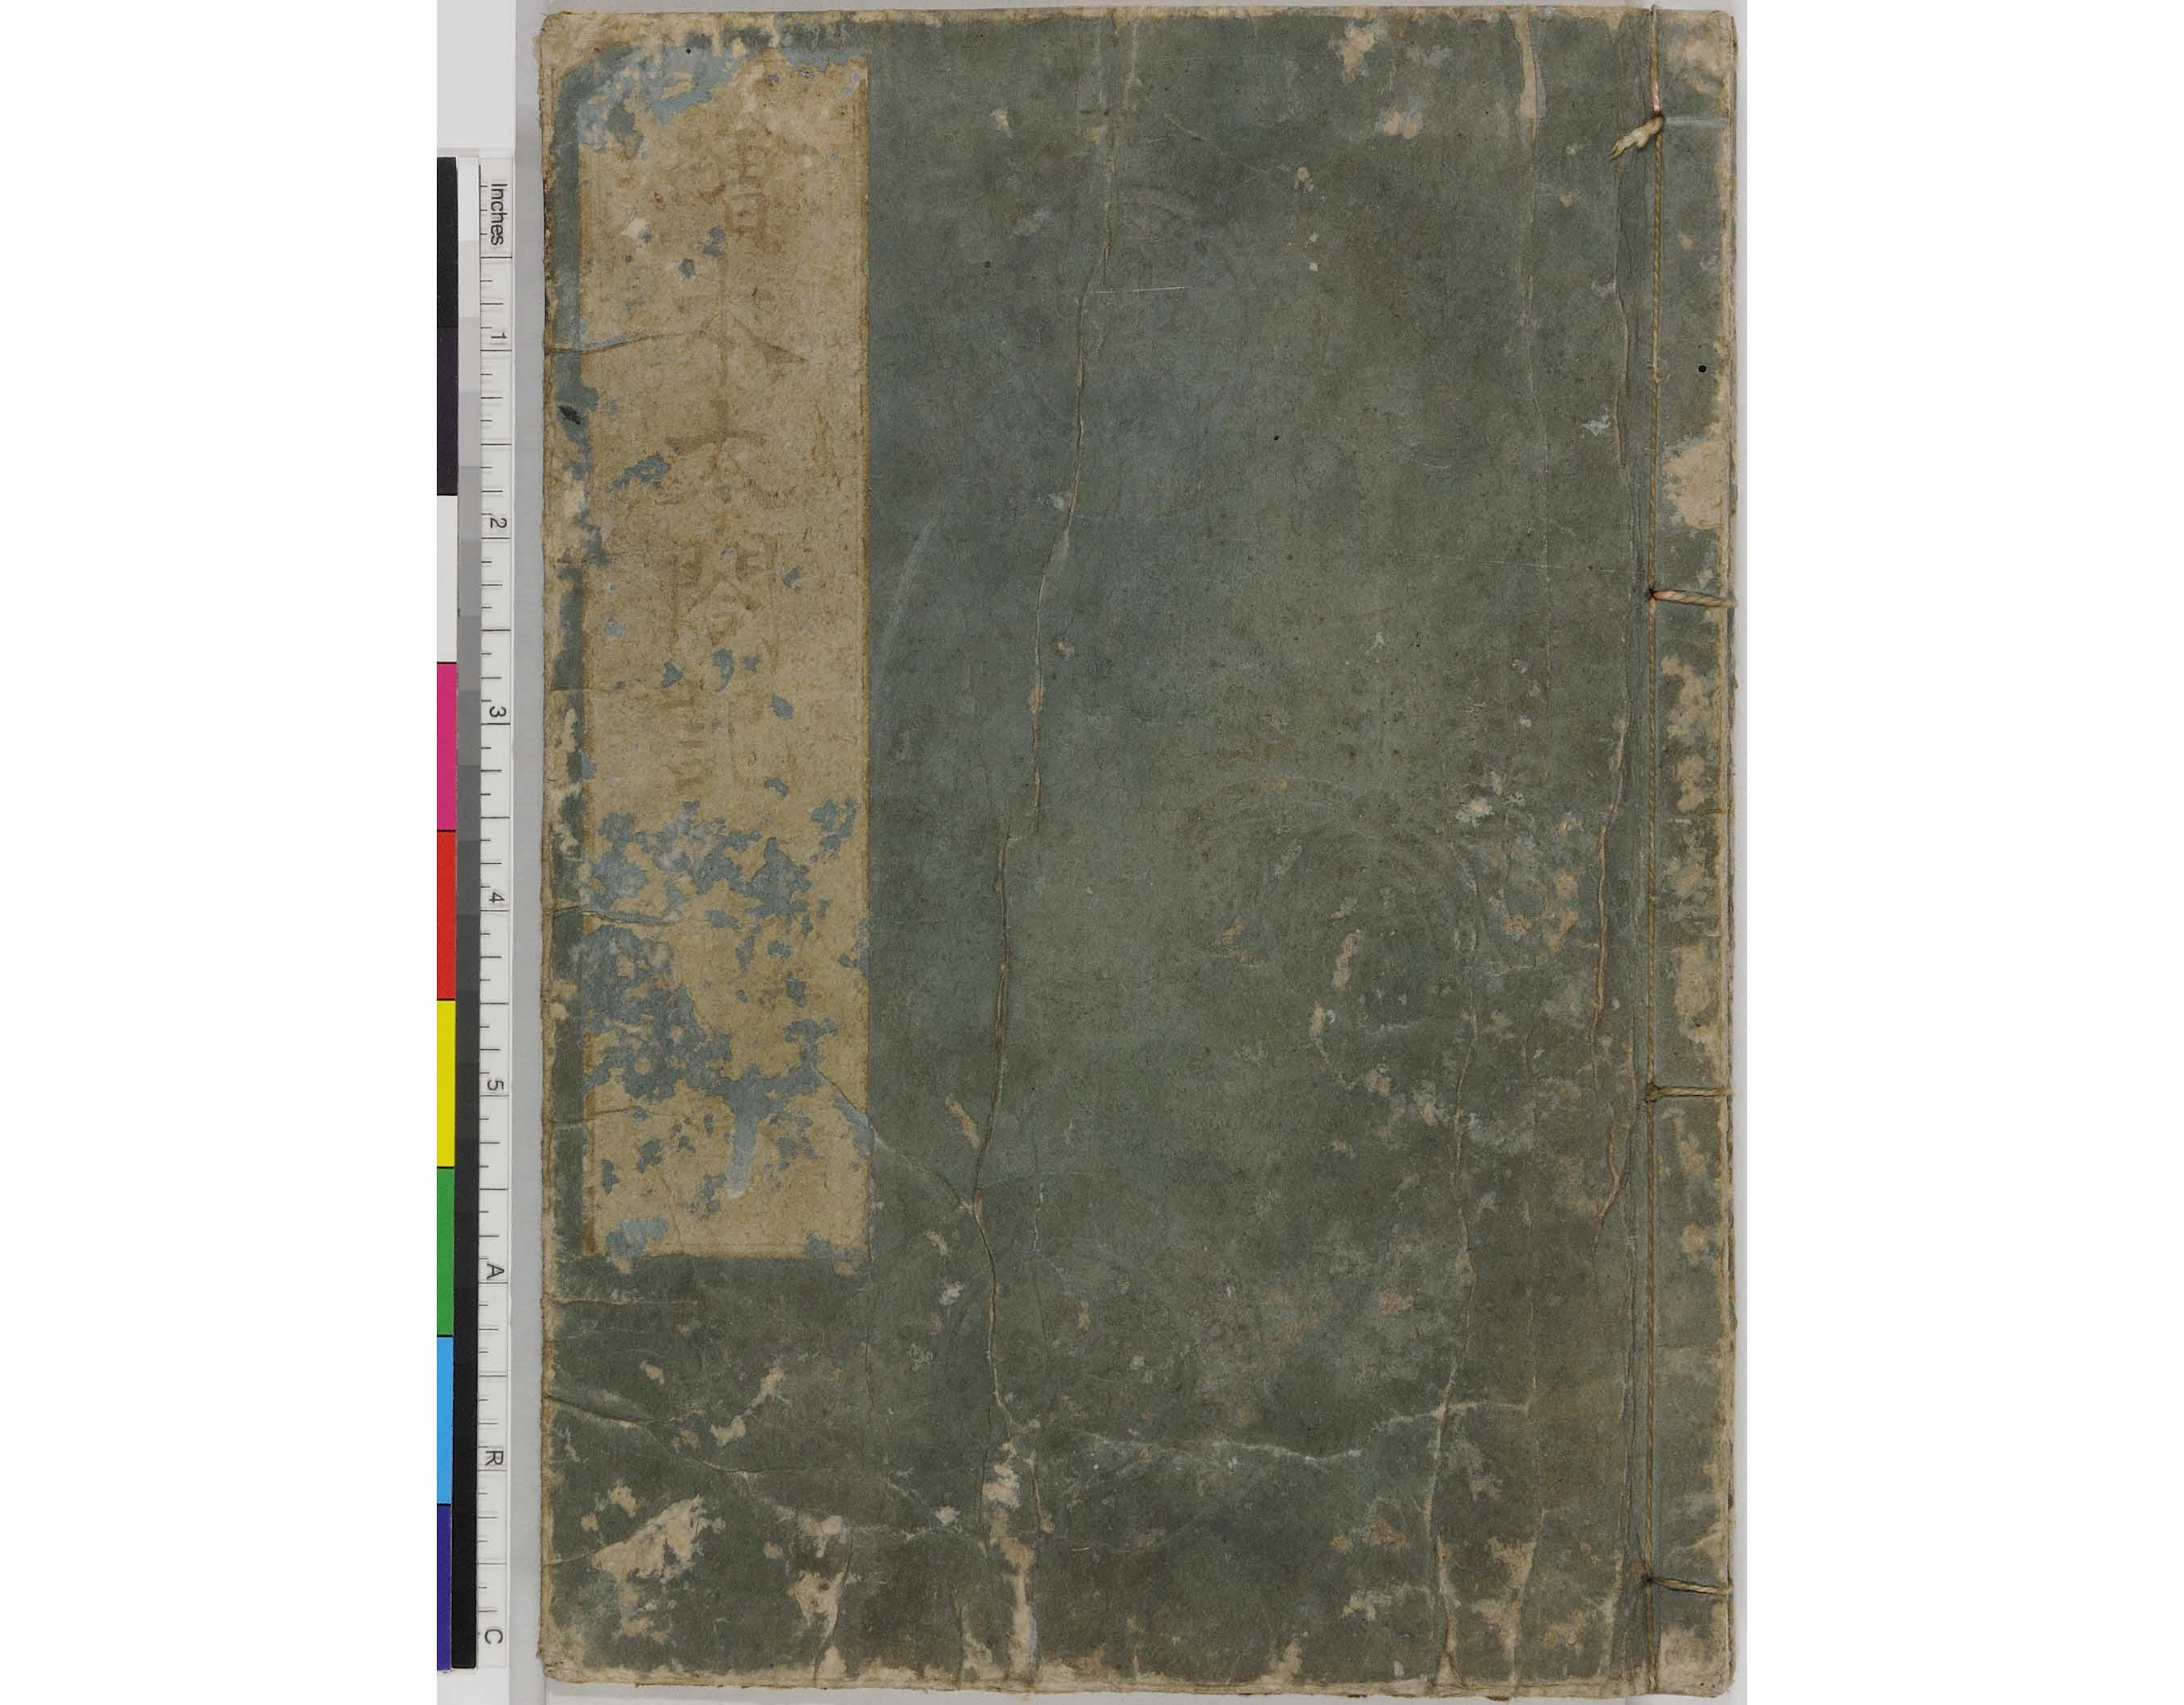 A2 『絵本太閤記』の出版と絶版